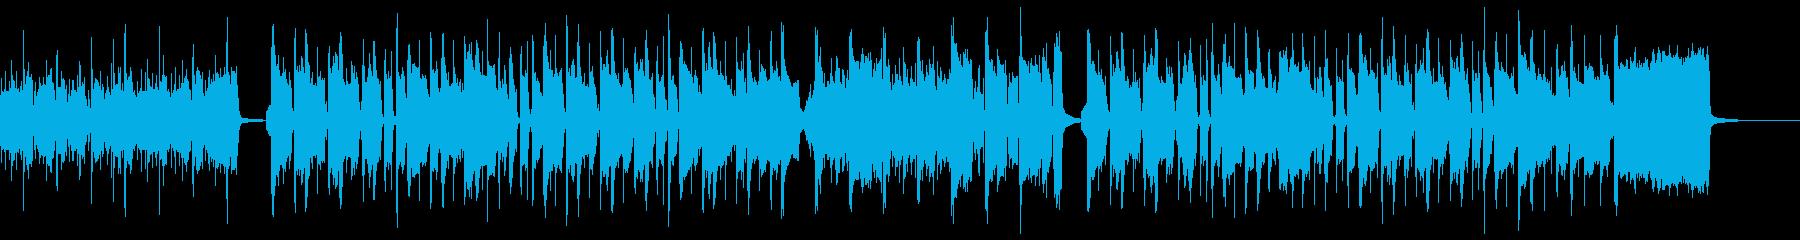 室内、レトロ、3拍子、エレクトロニカの再生済みの波形